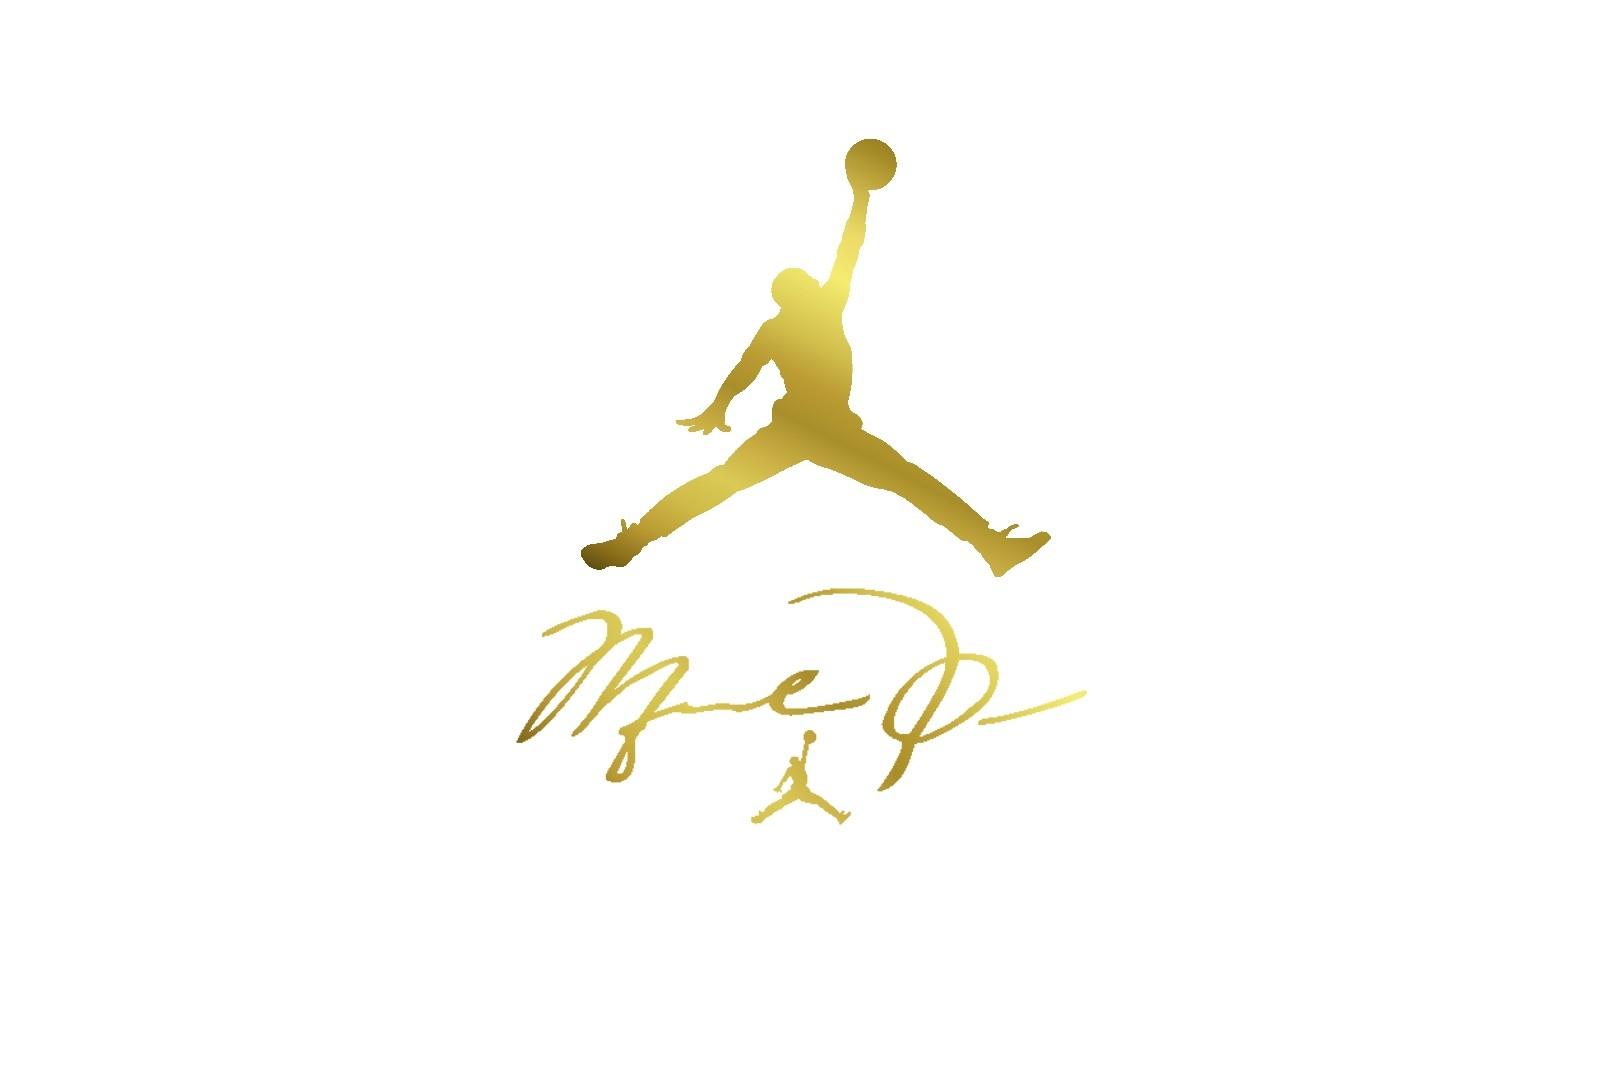 Fondos De Pantalla : Logo, Dibujos Animados, Michael